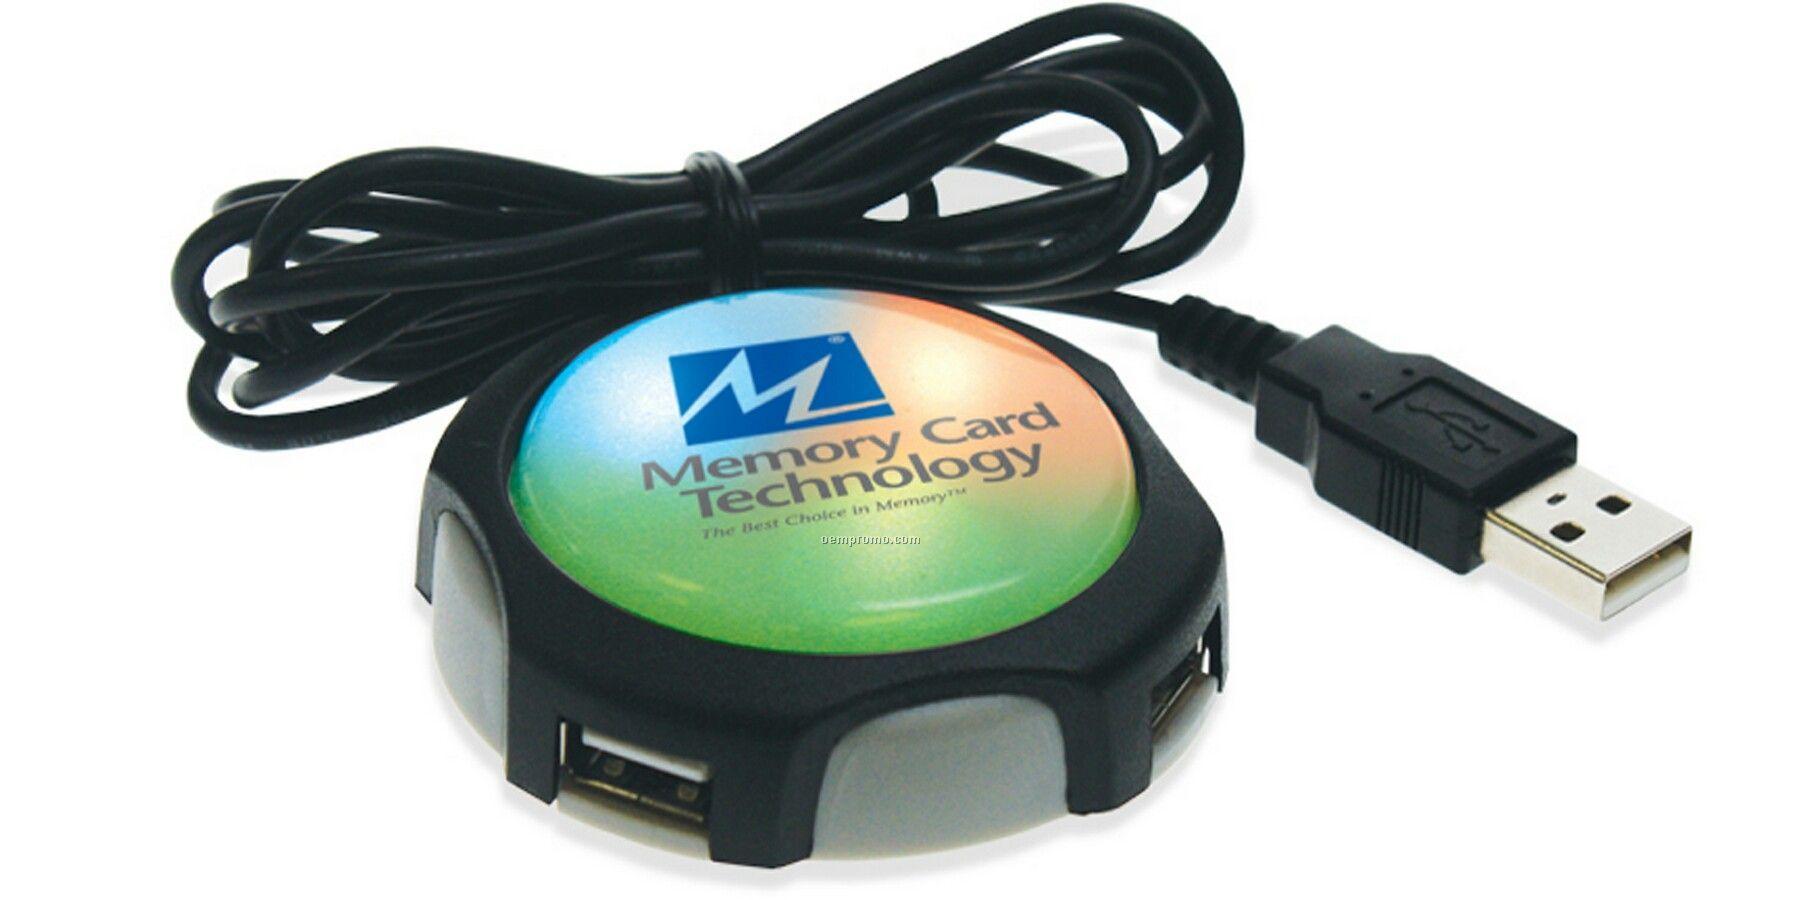 USB Smart Button Hub / Website Launcher